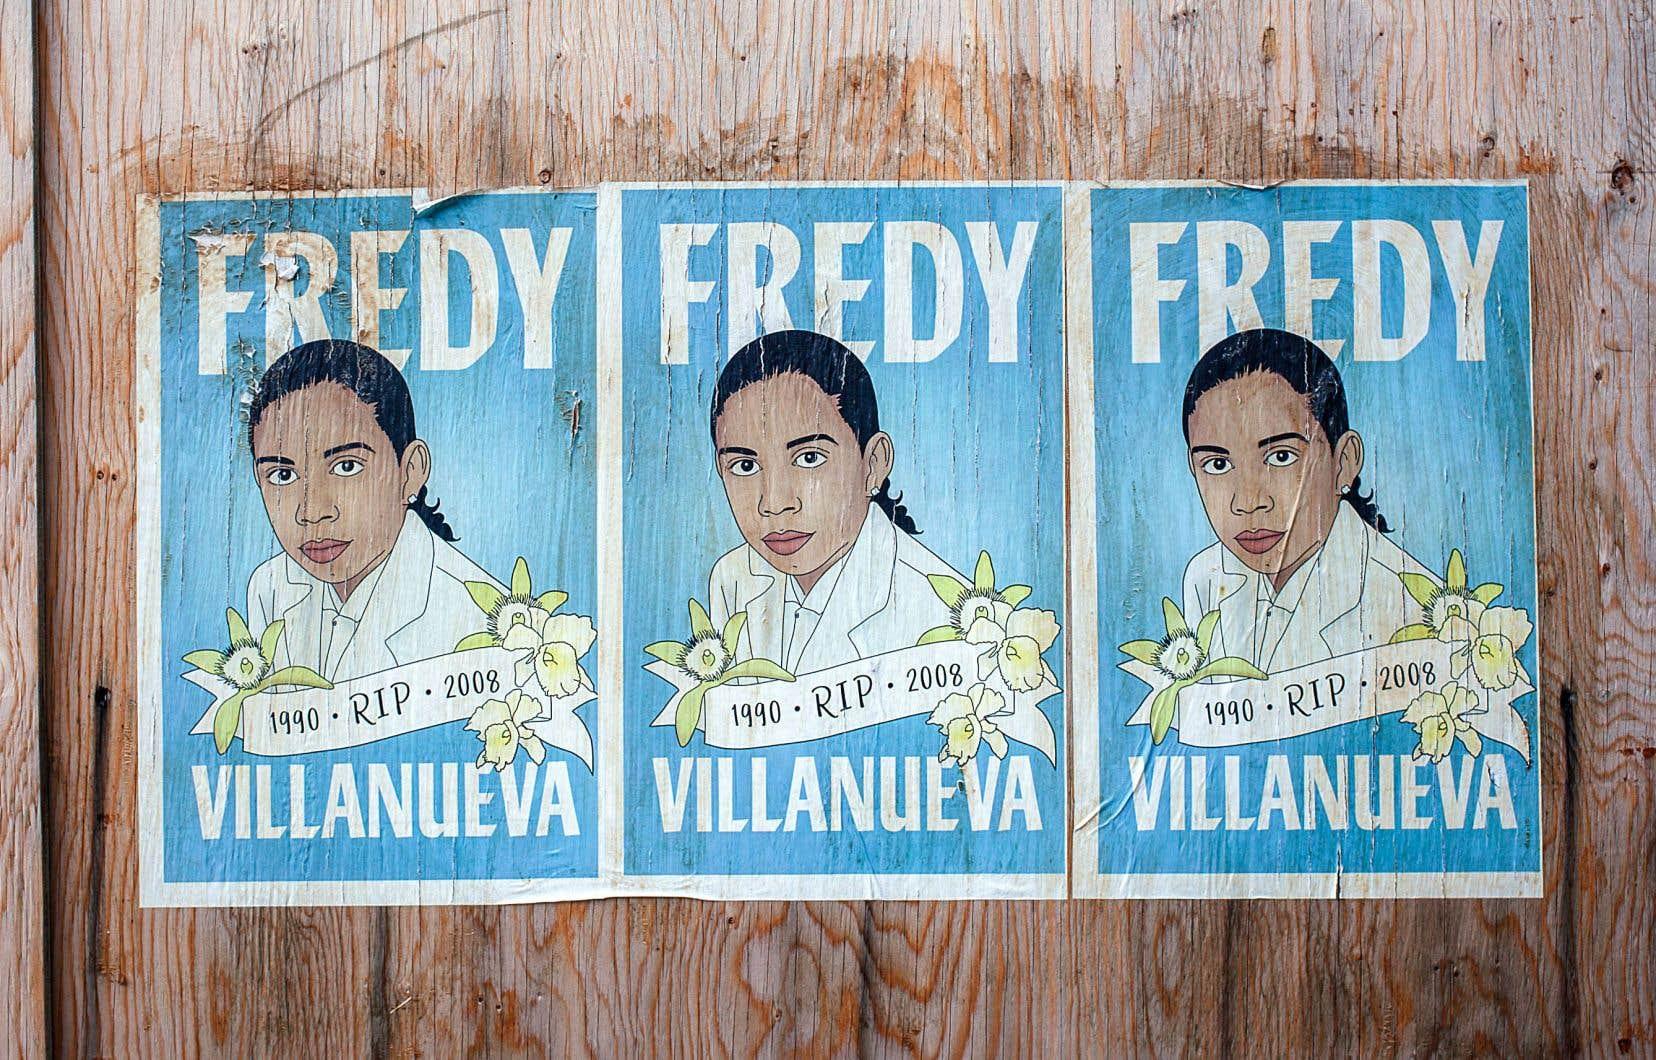 Fredy Villanueva est mort lors d'une interpellation policière en 2008.